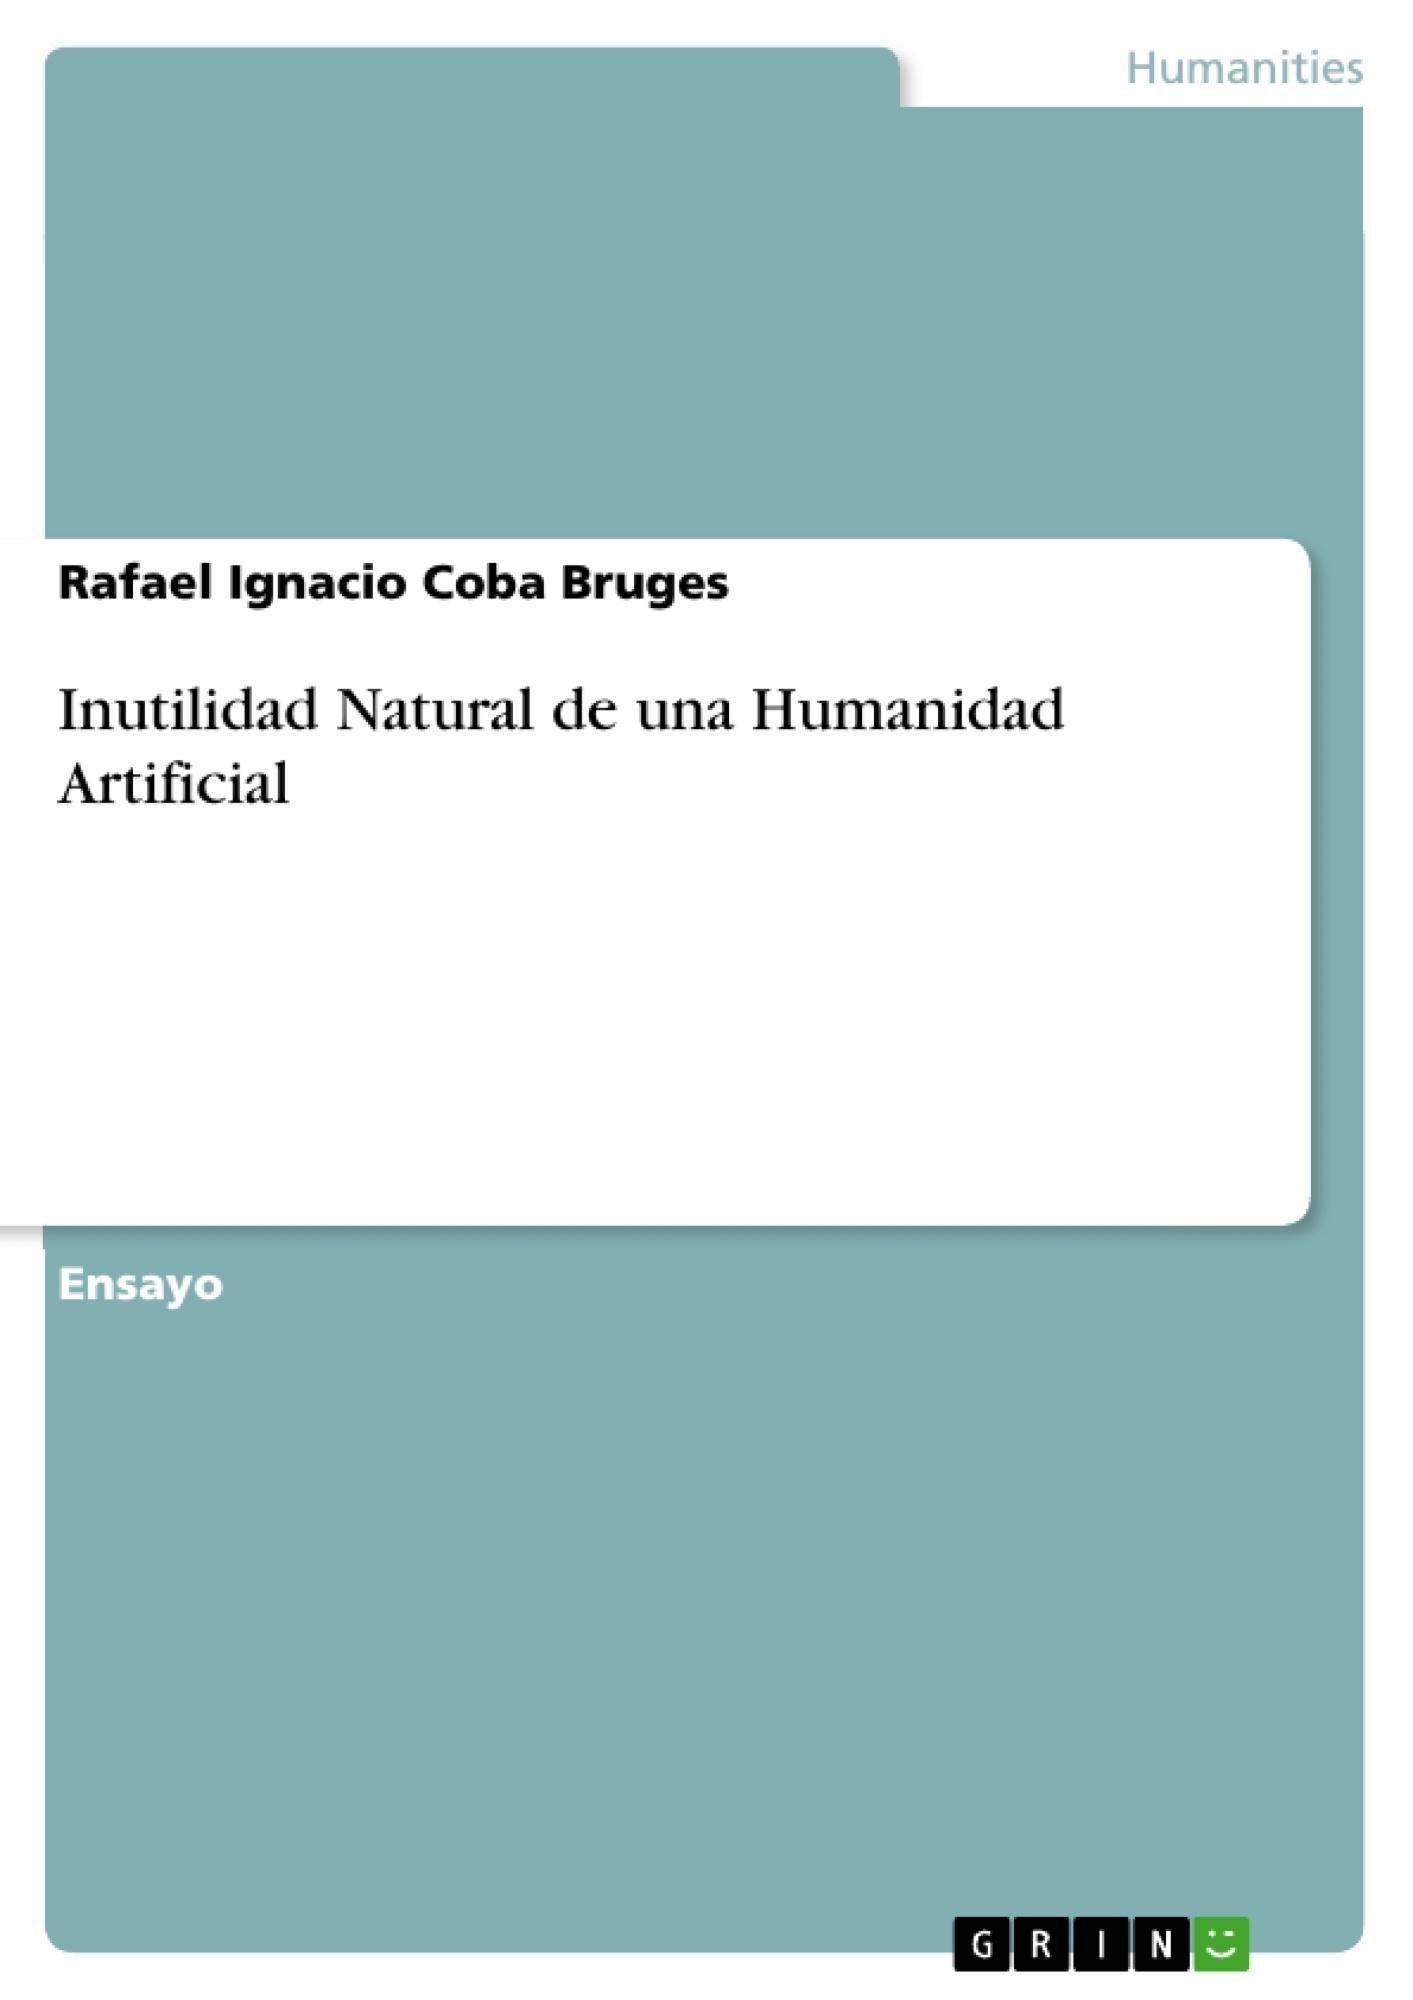 Título: Inutilidad Natural de una Humanidad Artificial